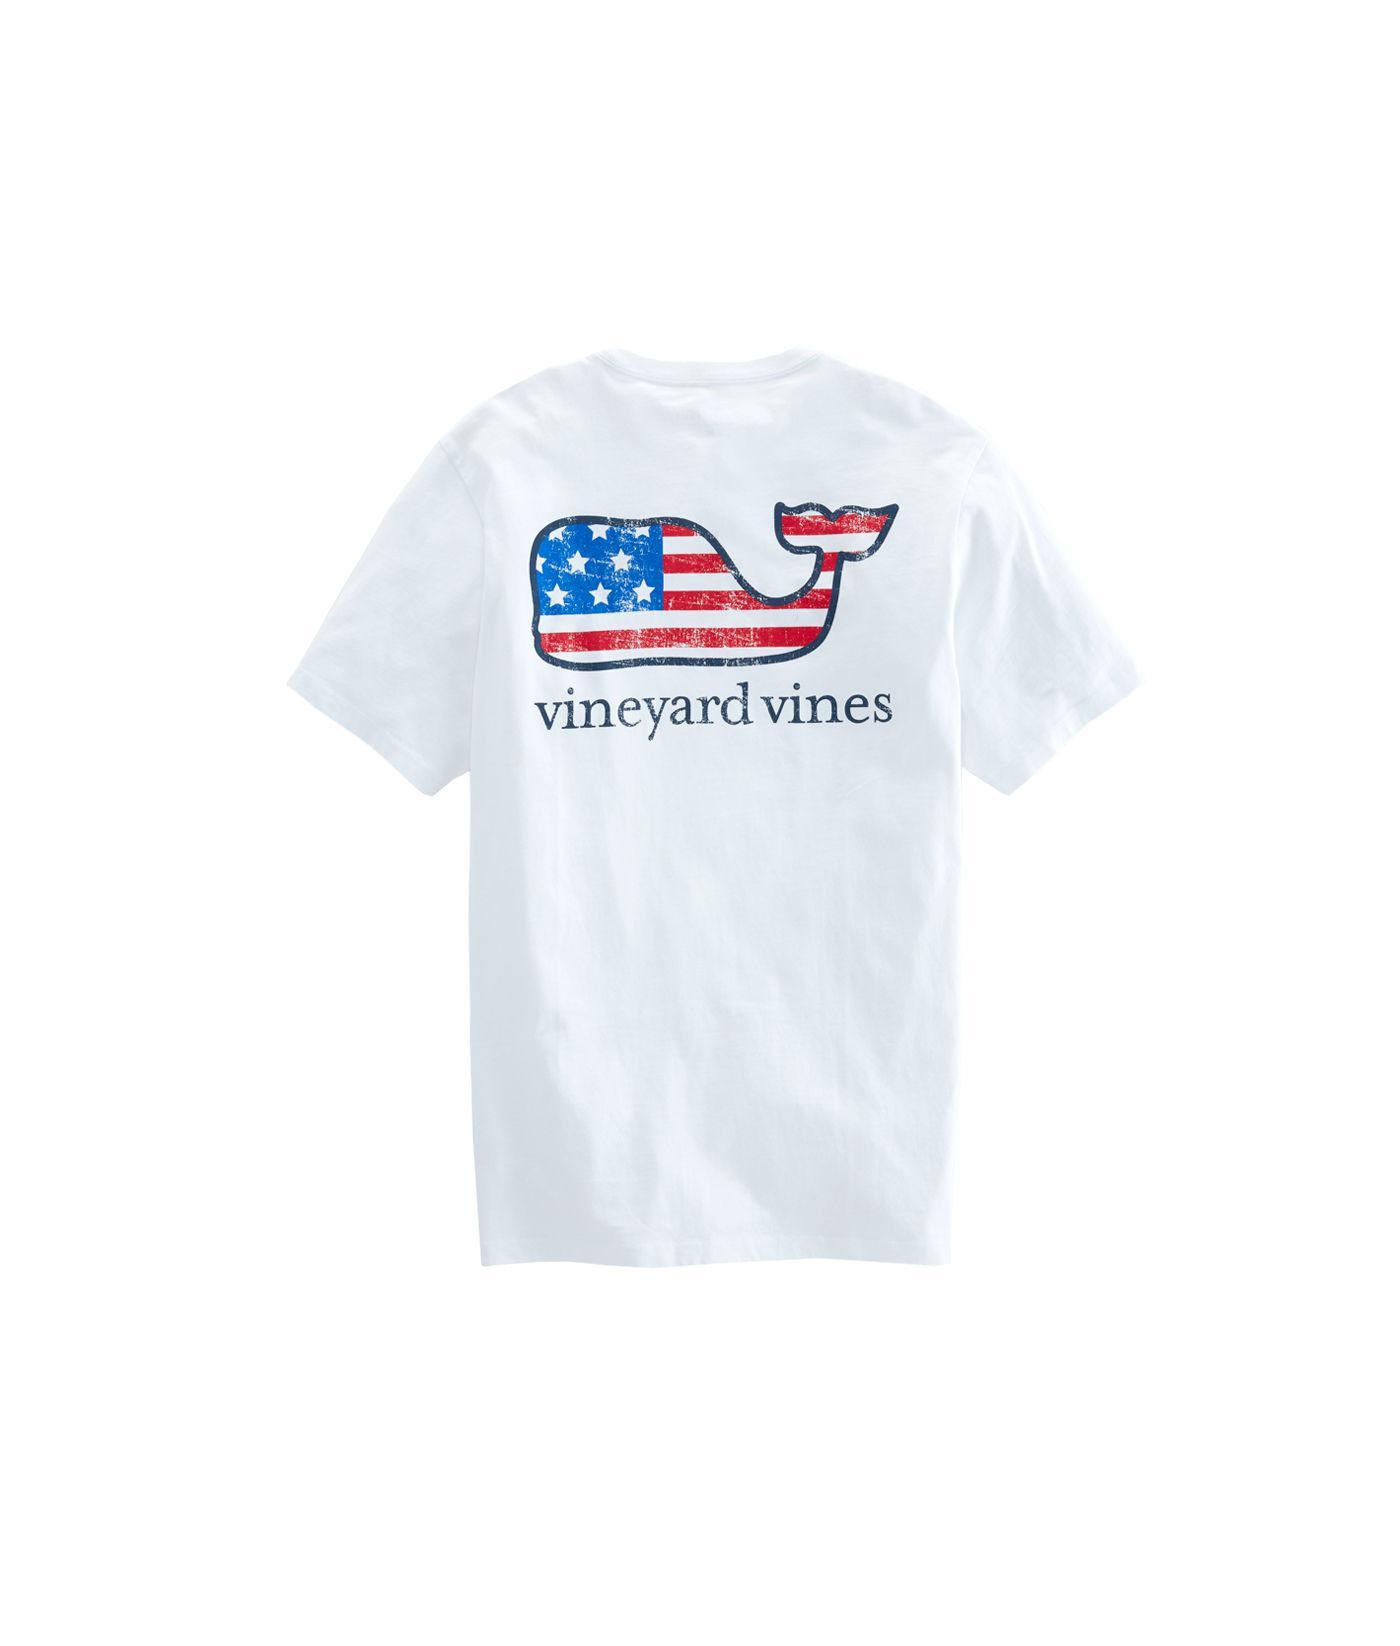 2582e12b Vineyard Vines - White Flag Whale Pocket T-shirt for Men - Lyst. View  fullscreen